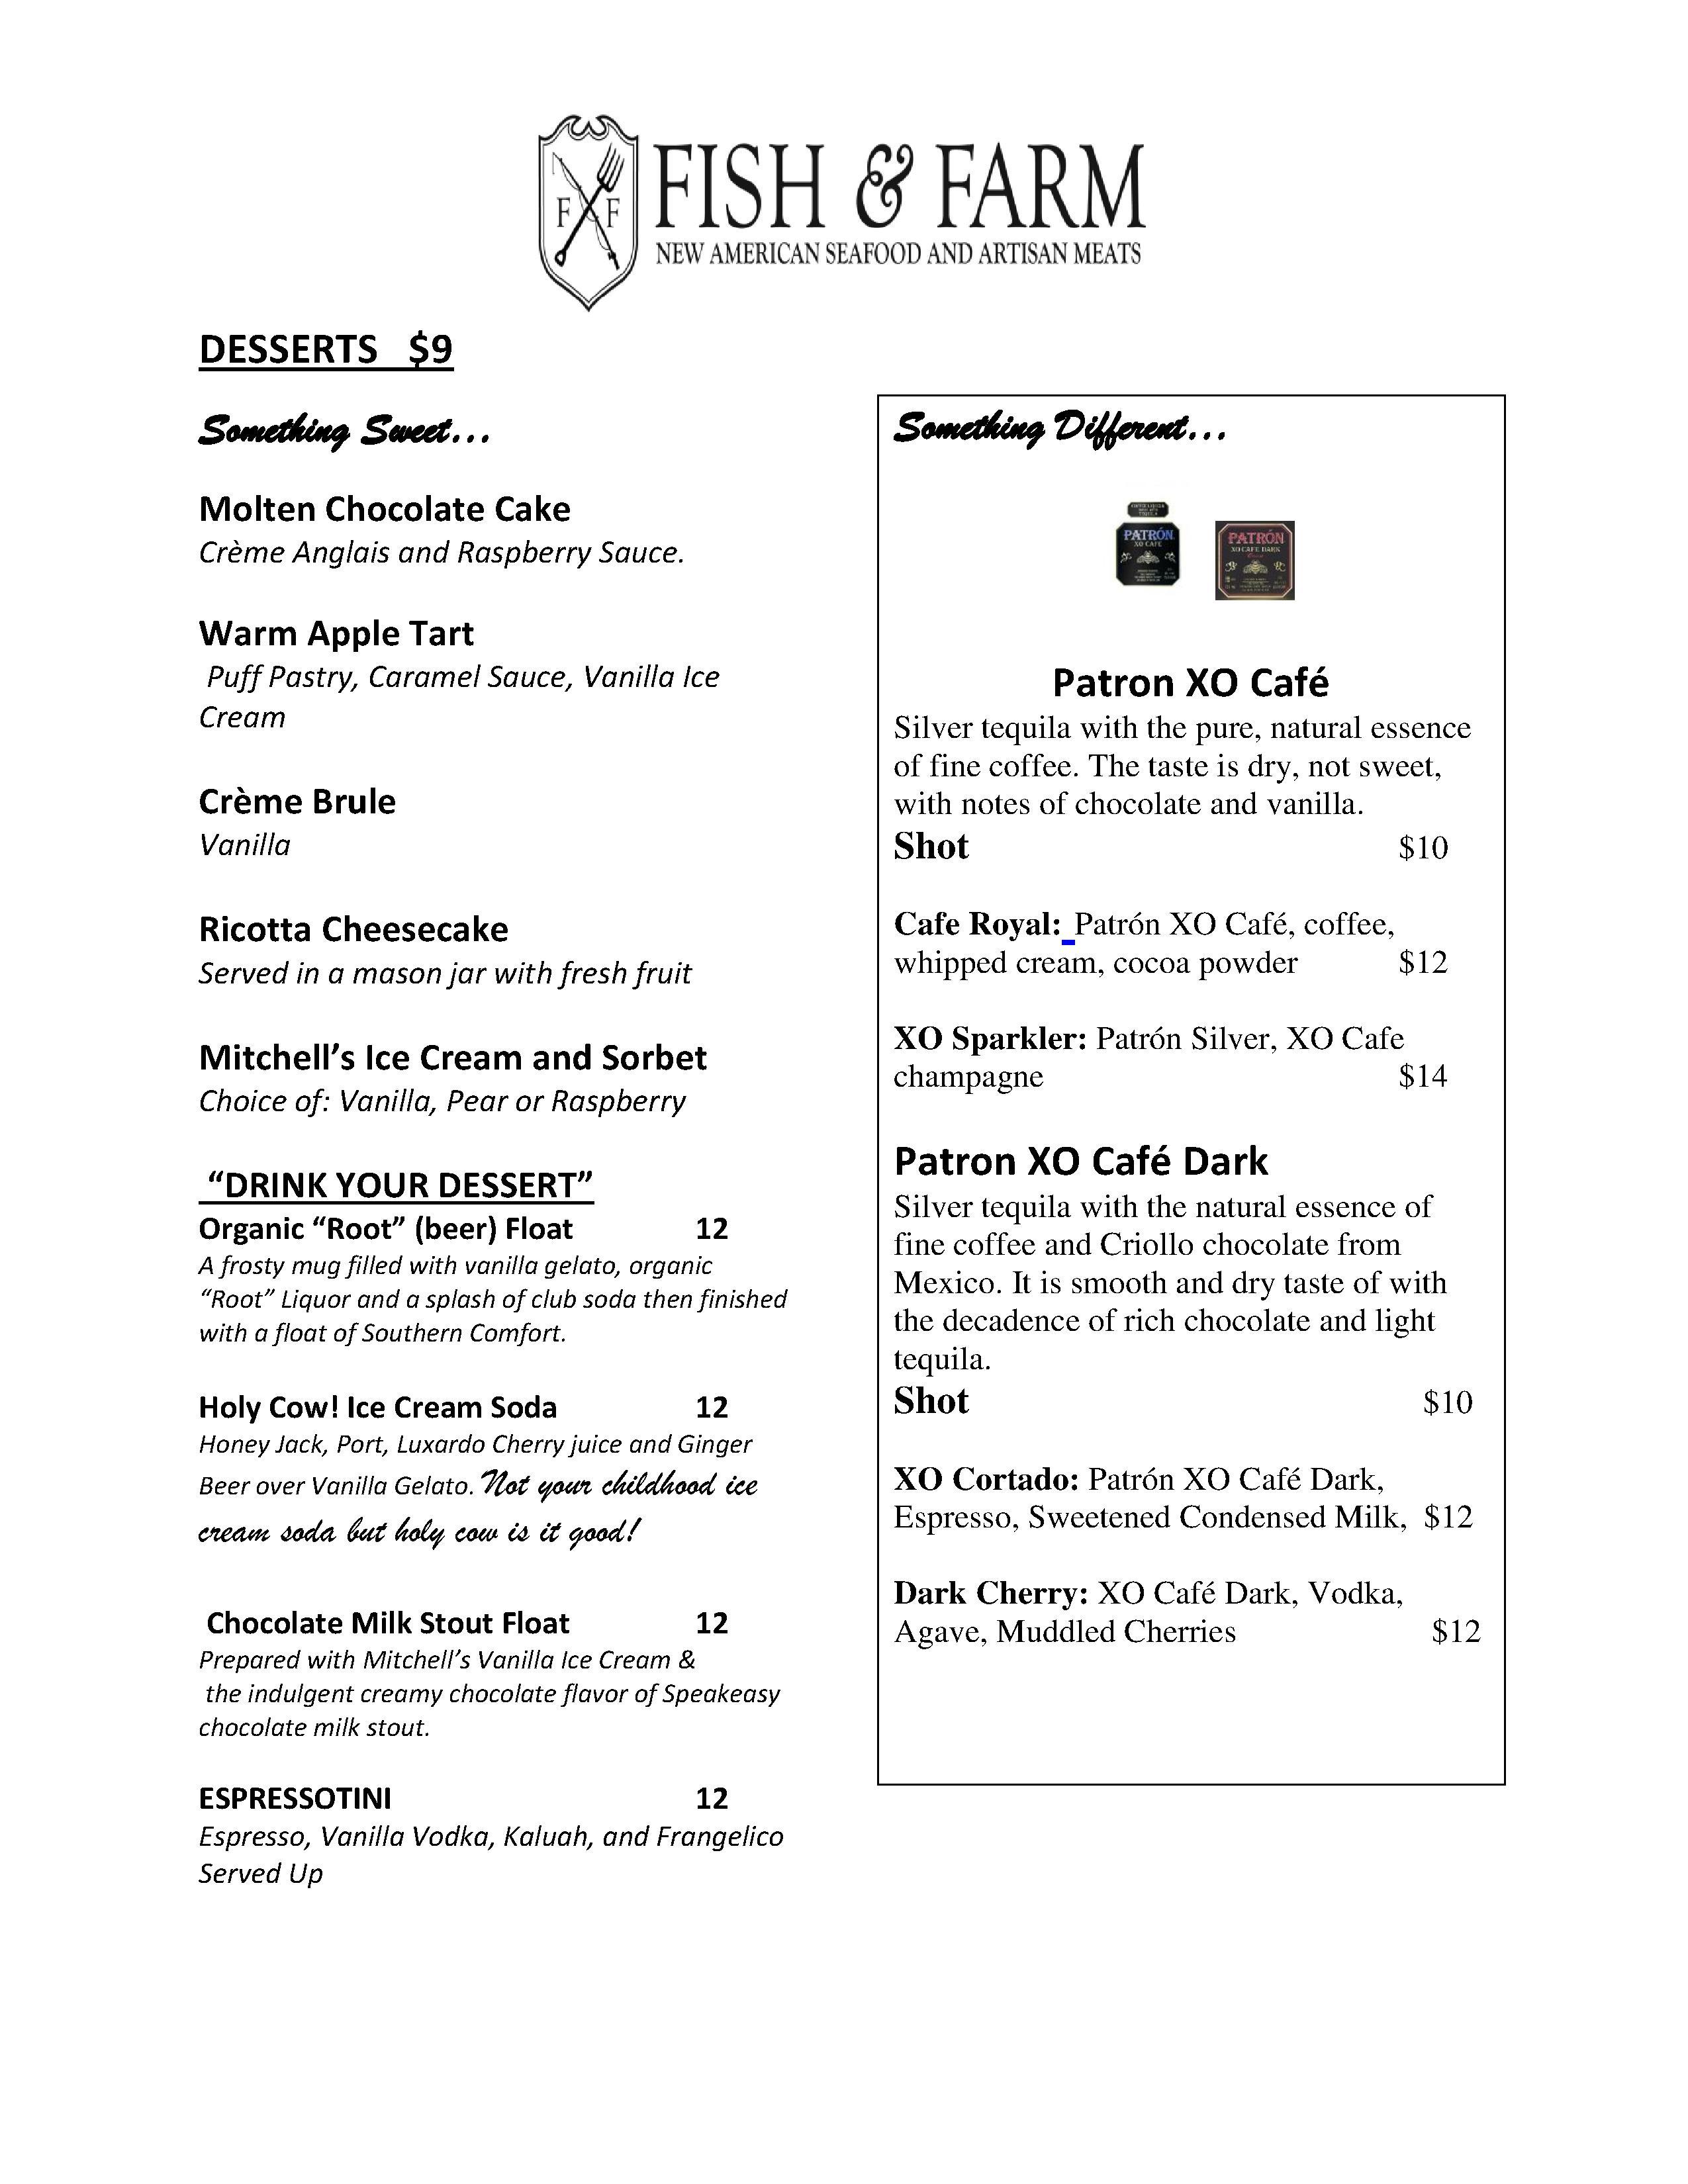 Dessert menu at fish farm a san francisco restaurant for Fish and farm sf